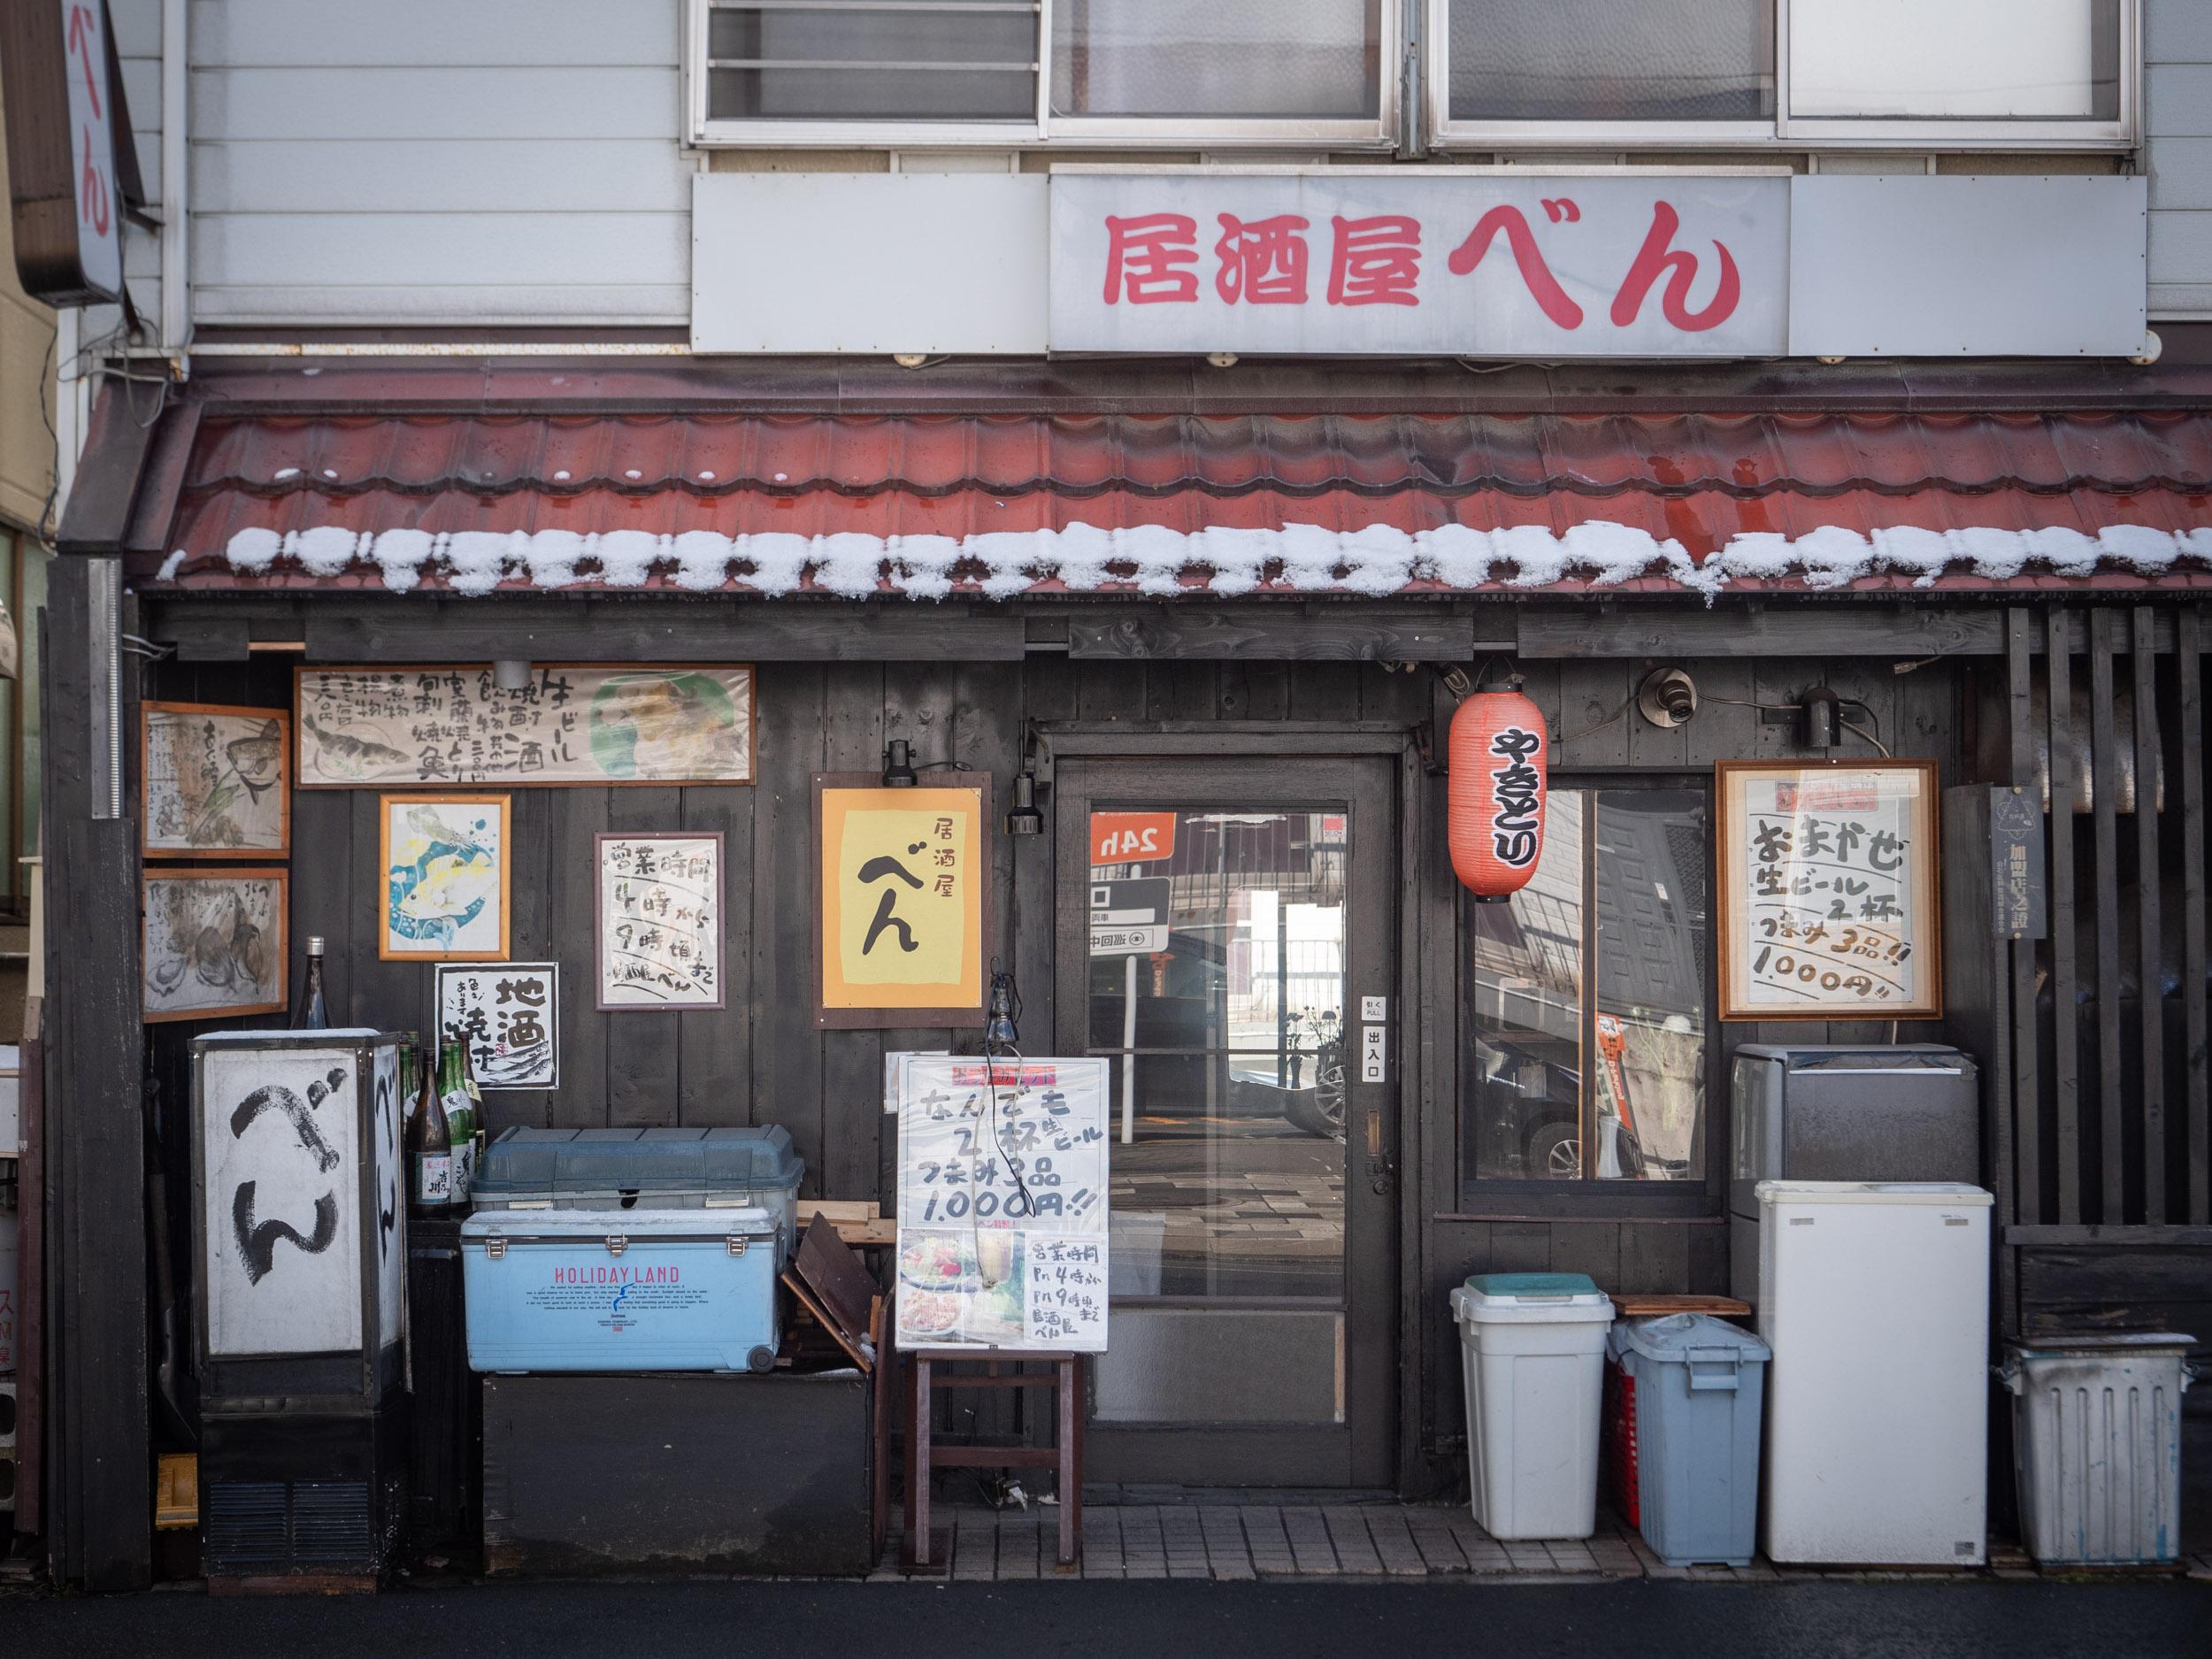 札幌市白石区本郷通9丁目南3−4「居酒屋べん」の外観 DMC-GX8 + LEICA DG 12-60mm